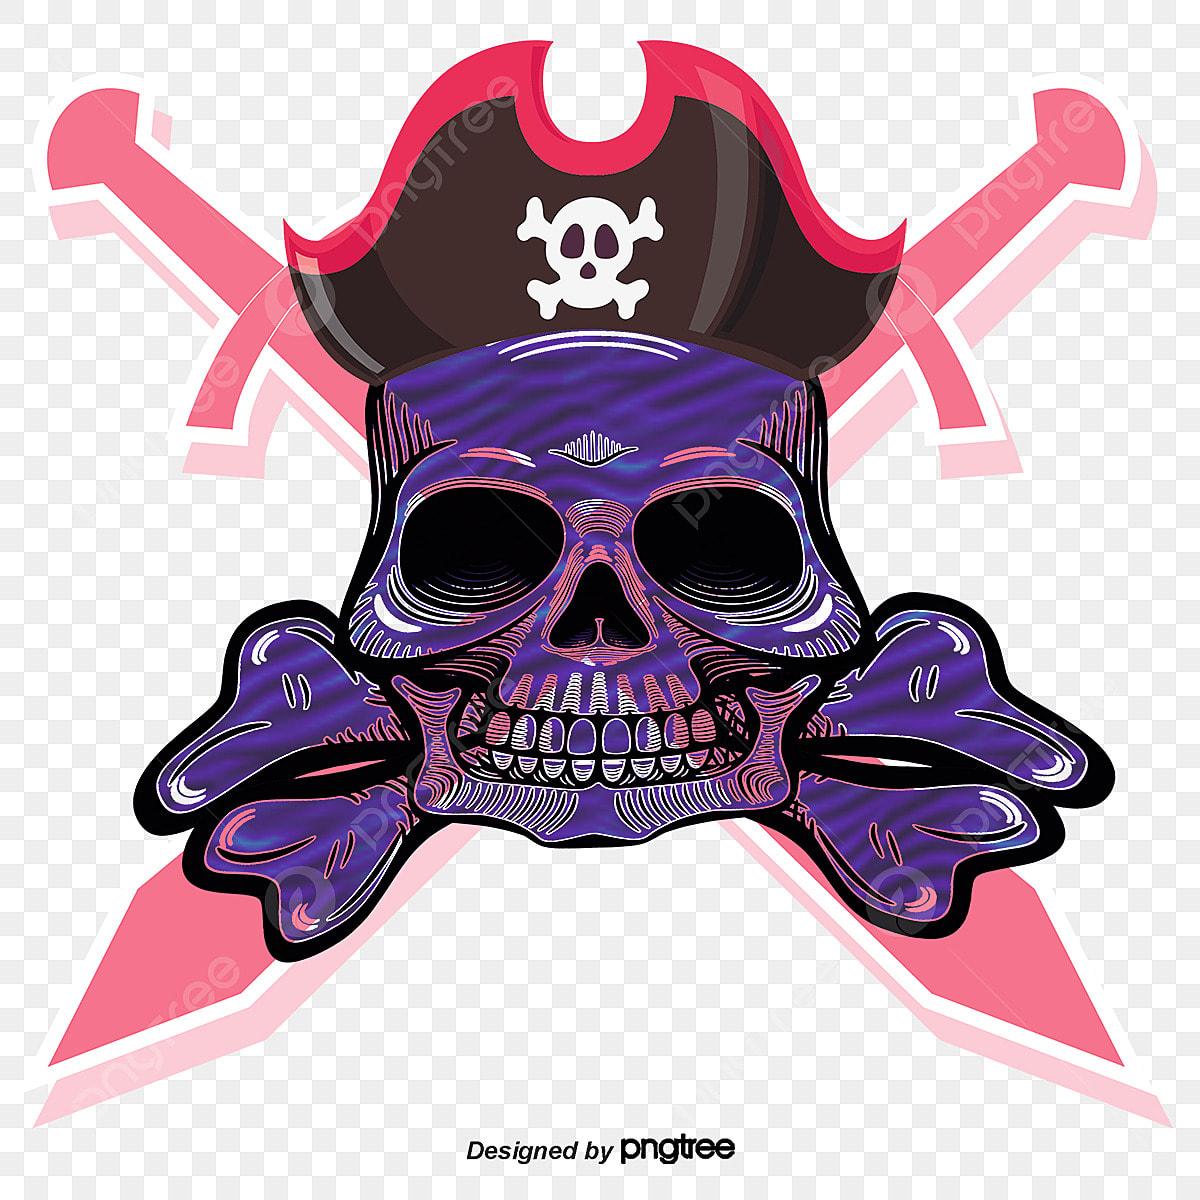 欧米の海賊挿画ベクトル ベクトル 欧米のイラスト素材庫 海賊イラスト